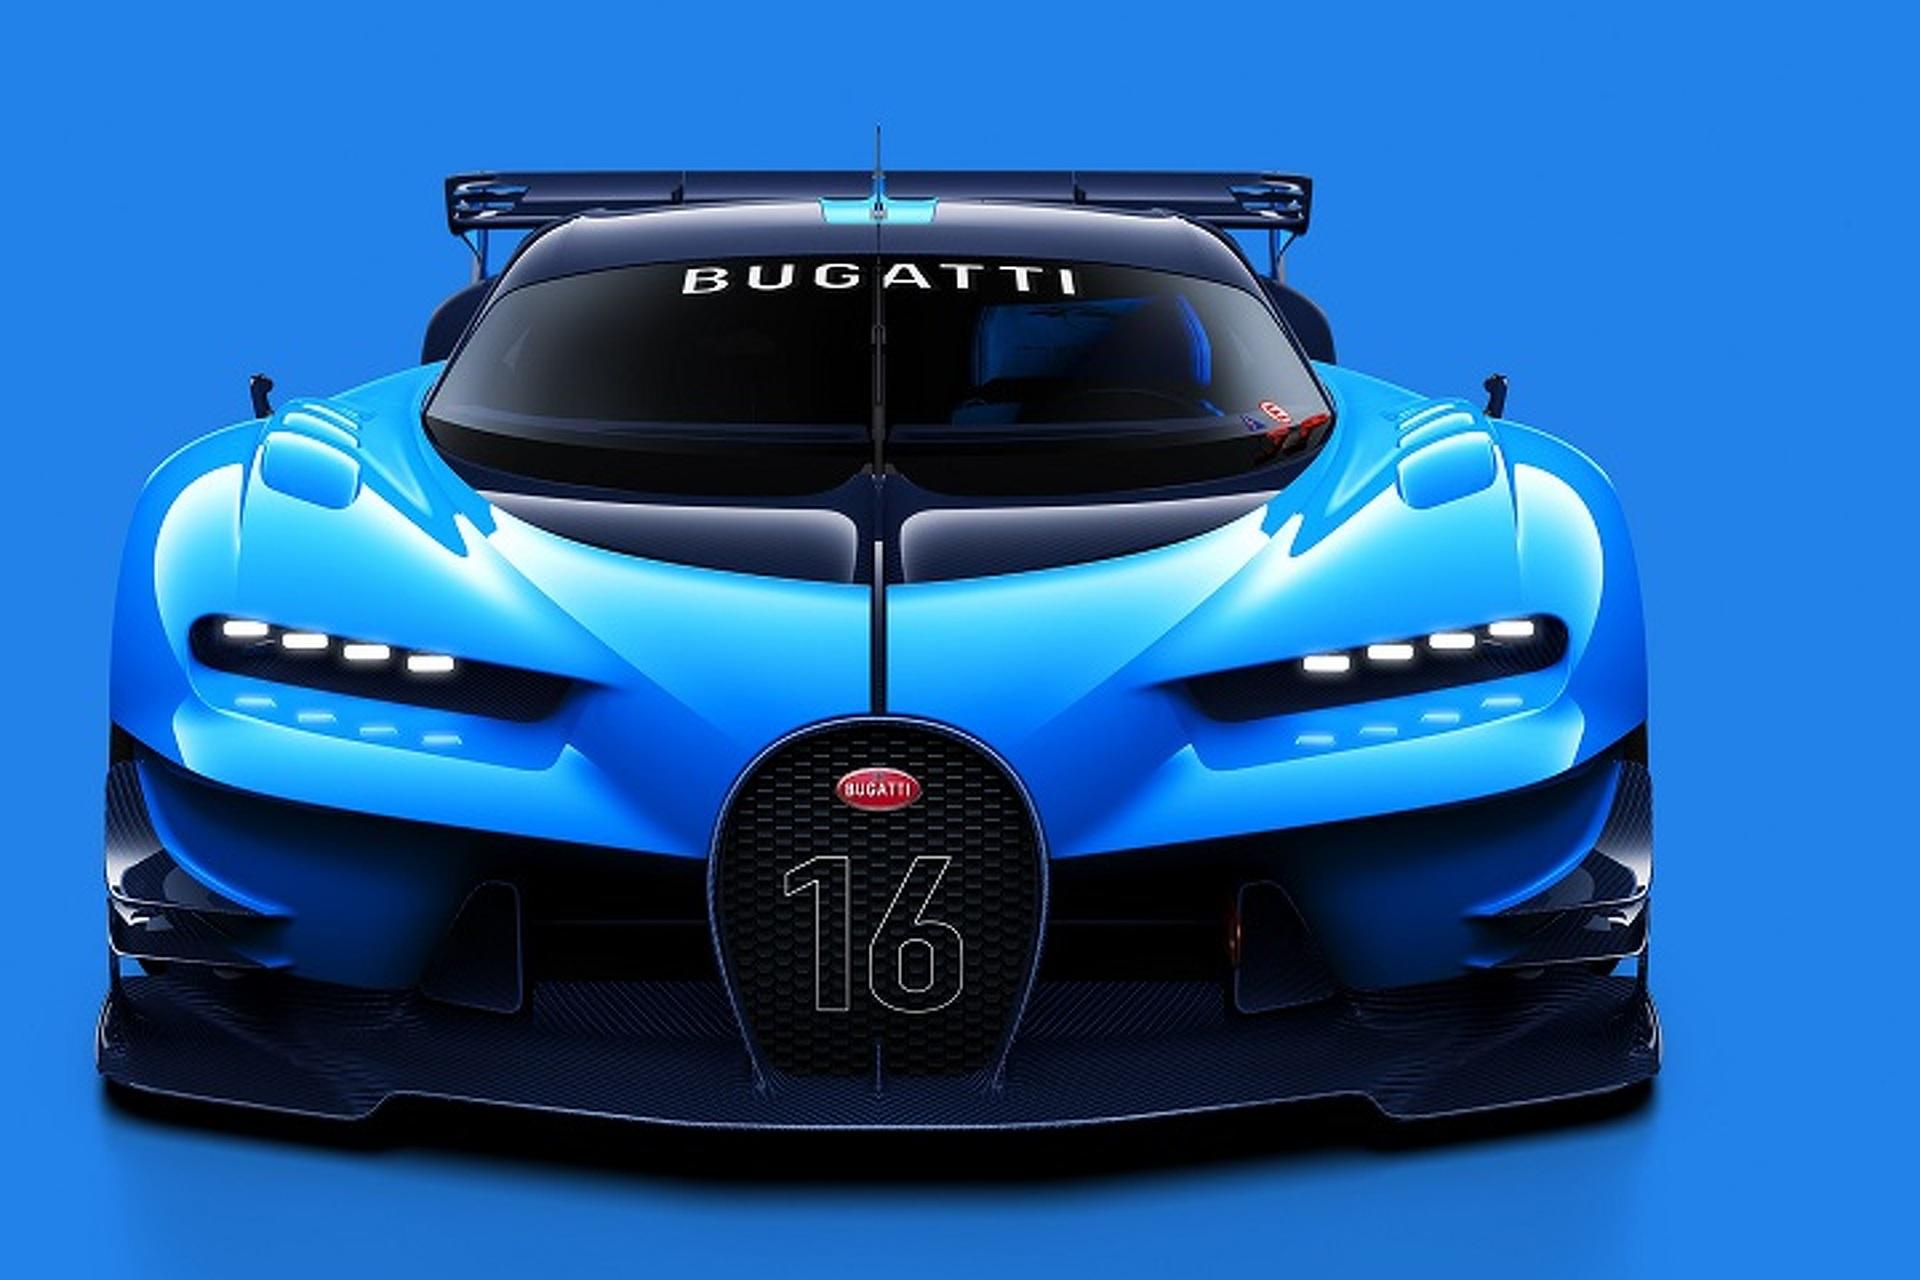 Is The Bugatti Vision GT Actually The Chiron In Race Disguise? Gt Bugatti Chiron on bugatti aerolithe, bugatti galibier, bugatti 4 5.3 million, bugatti motorcycle, bugatti on fire, bugatti headquarters, bugatti royale, bugatti games, bugatti eb110, bugatti 4 door, bugatti diablo, bugatti suv, bugatti type 57, bugatti prototypes, bugatti finale, bugatti logo, bugatti gran turismo, bugatti concept, bugatti type 252, bugatti automobiles,